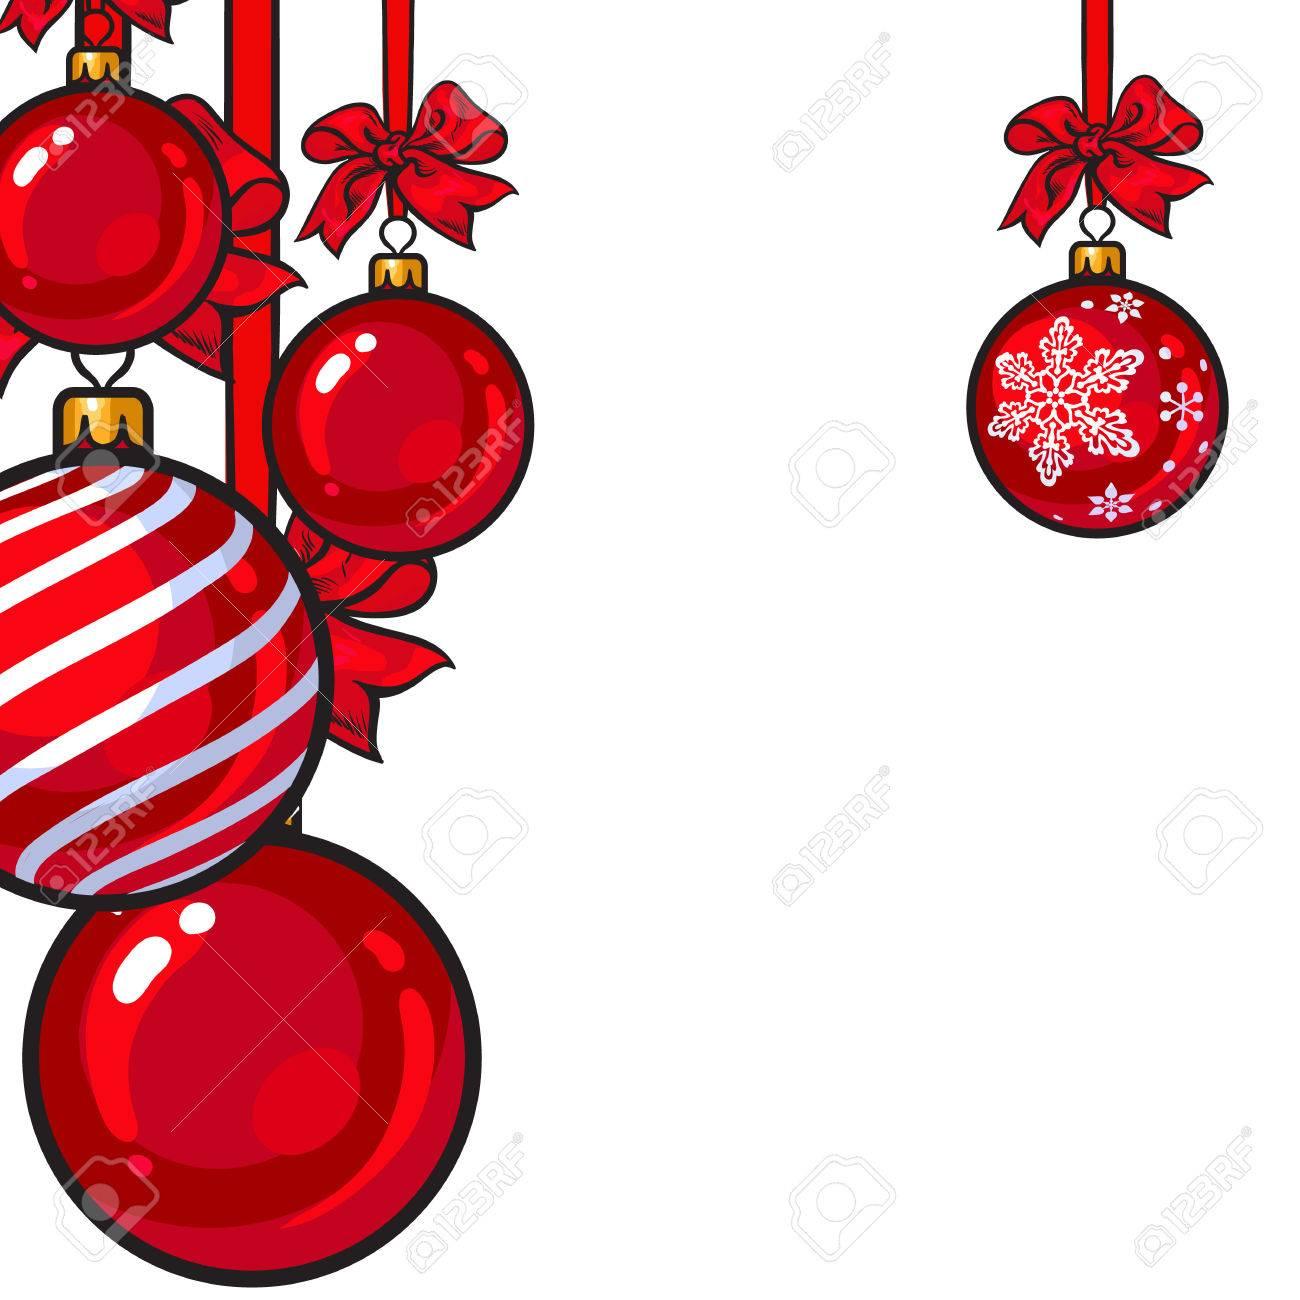 Dibujos De Navidad A Color. Latest Trendy Feliz Navidad Concepto Por ...